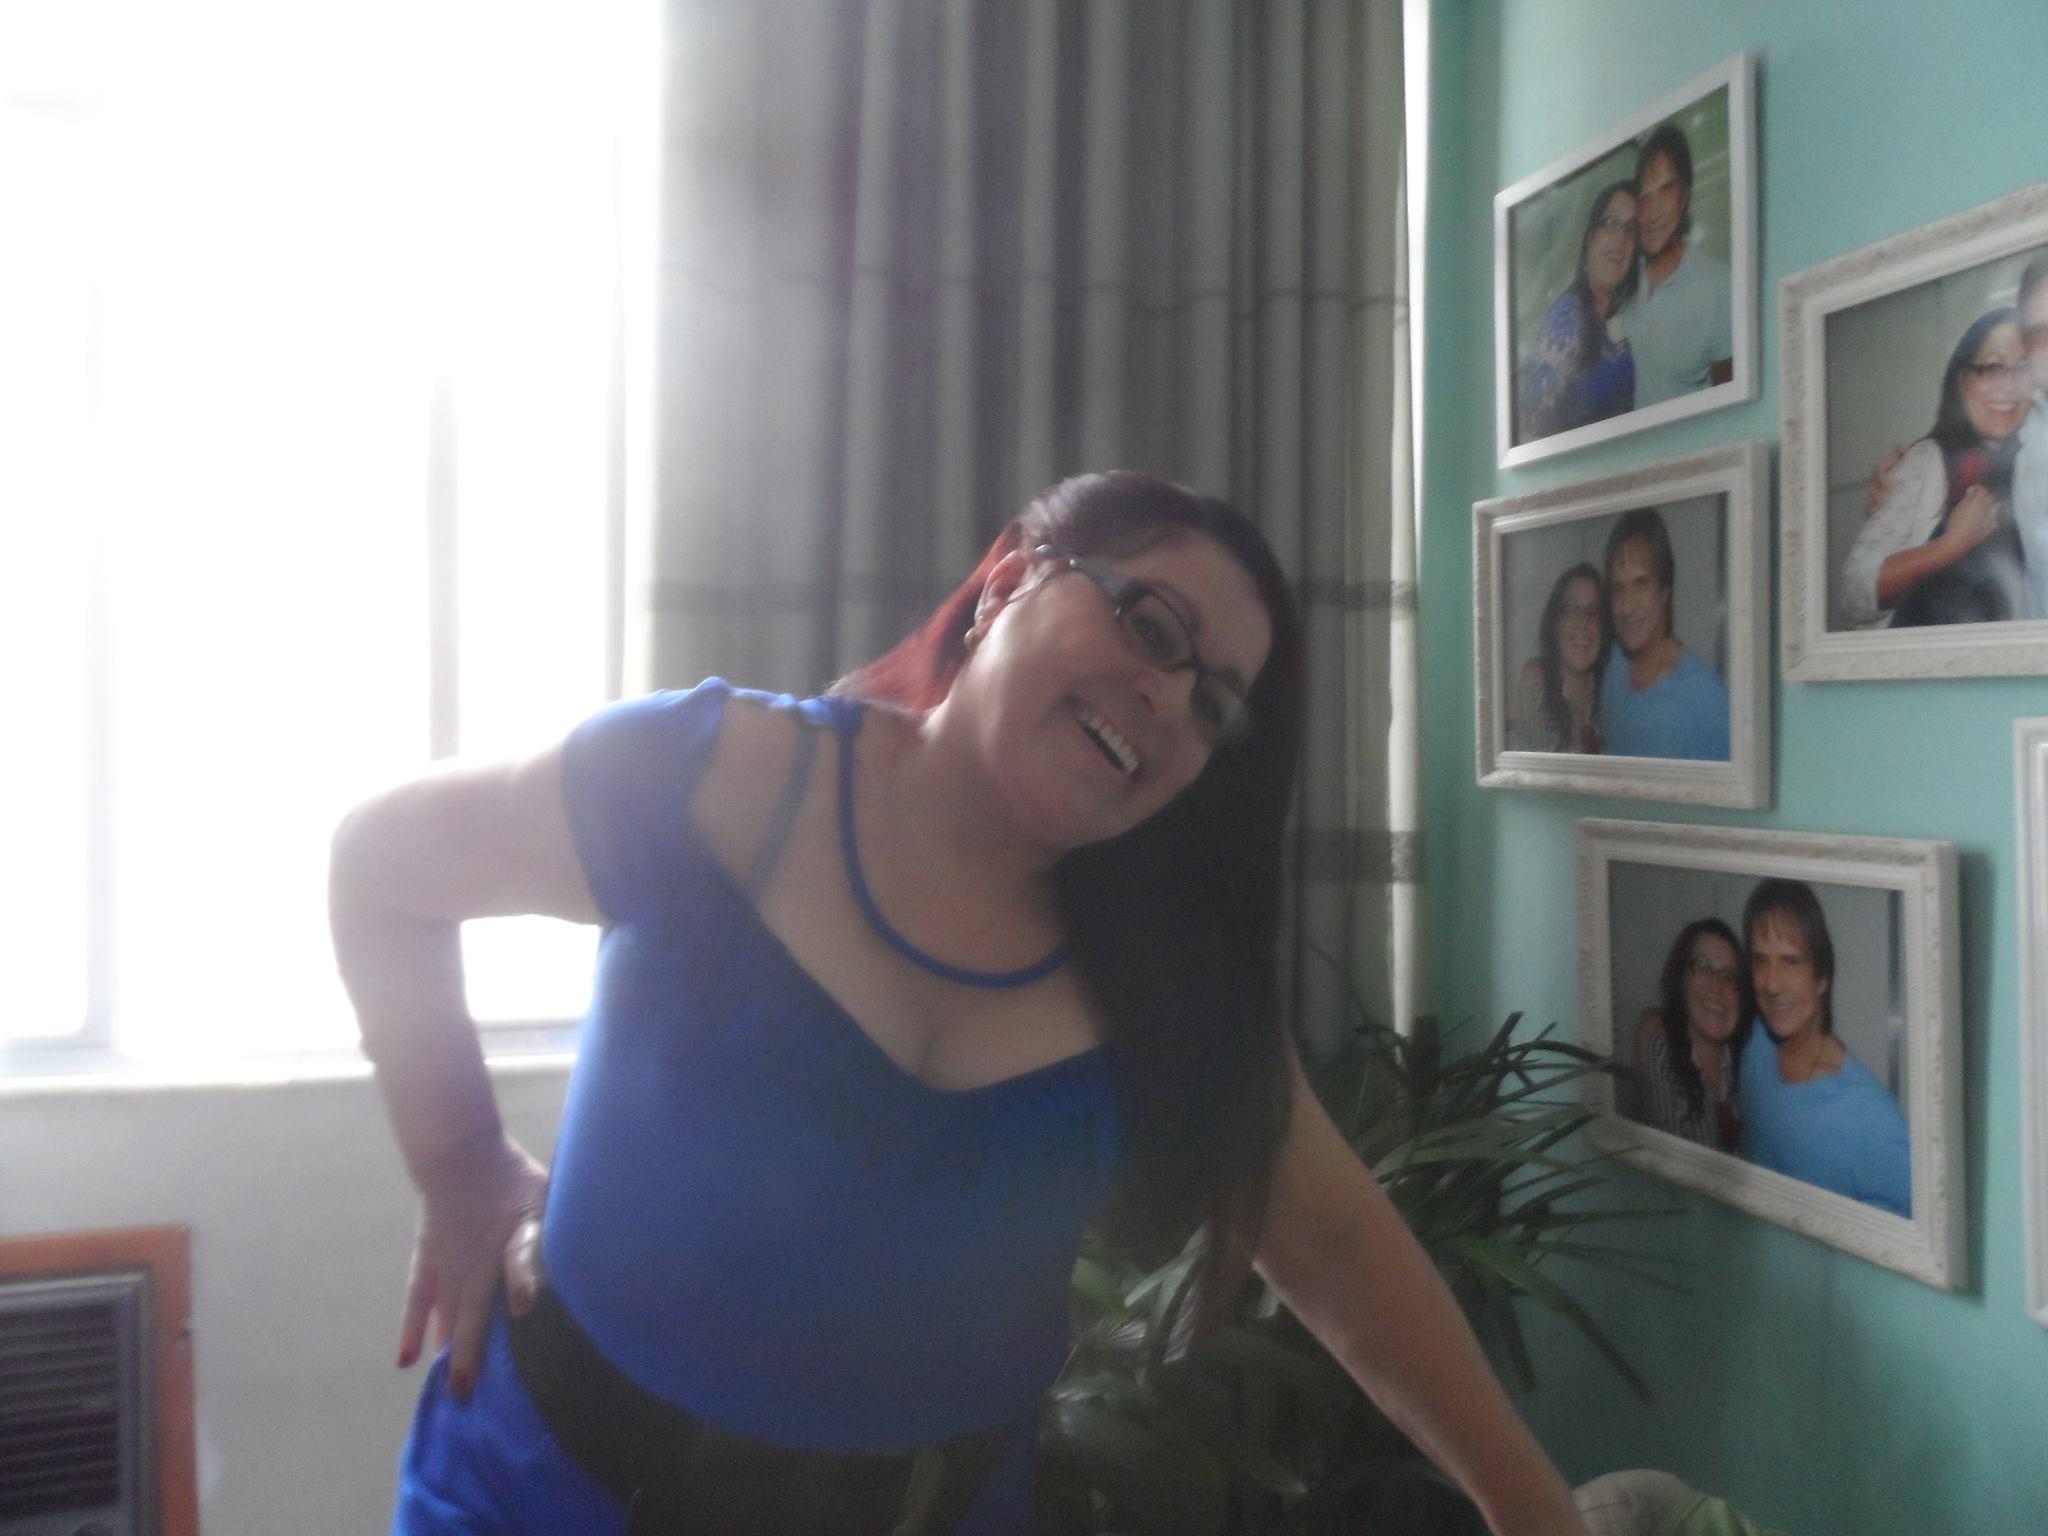 Malvina de Souza Carriço – Cantinho  reservado na minha sala com amor, dos meus momentos especiais com  o Rei Roberto Carlos, - Cantinho  reservado na minha sala com amor, dos meus momentos especiais com  o Rei Roberto Carlos,